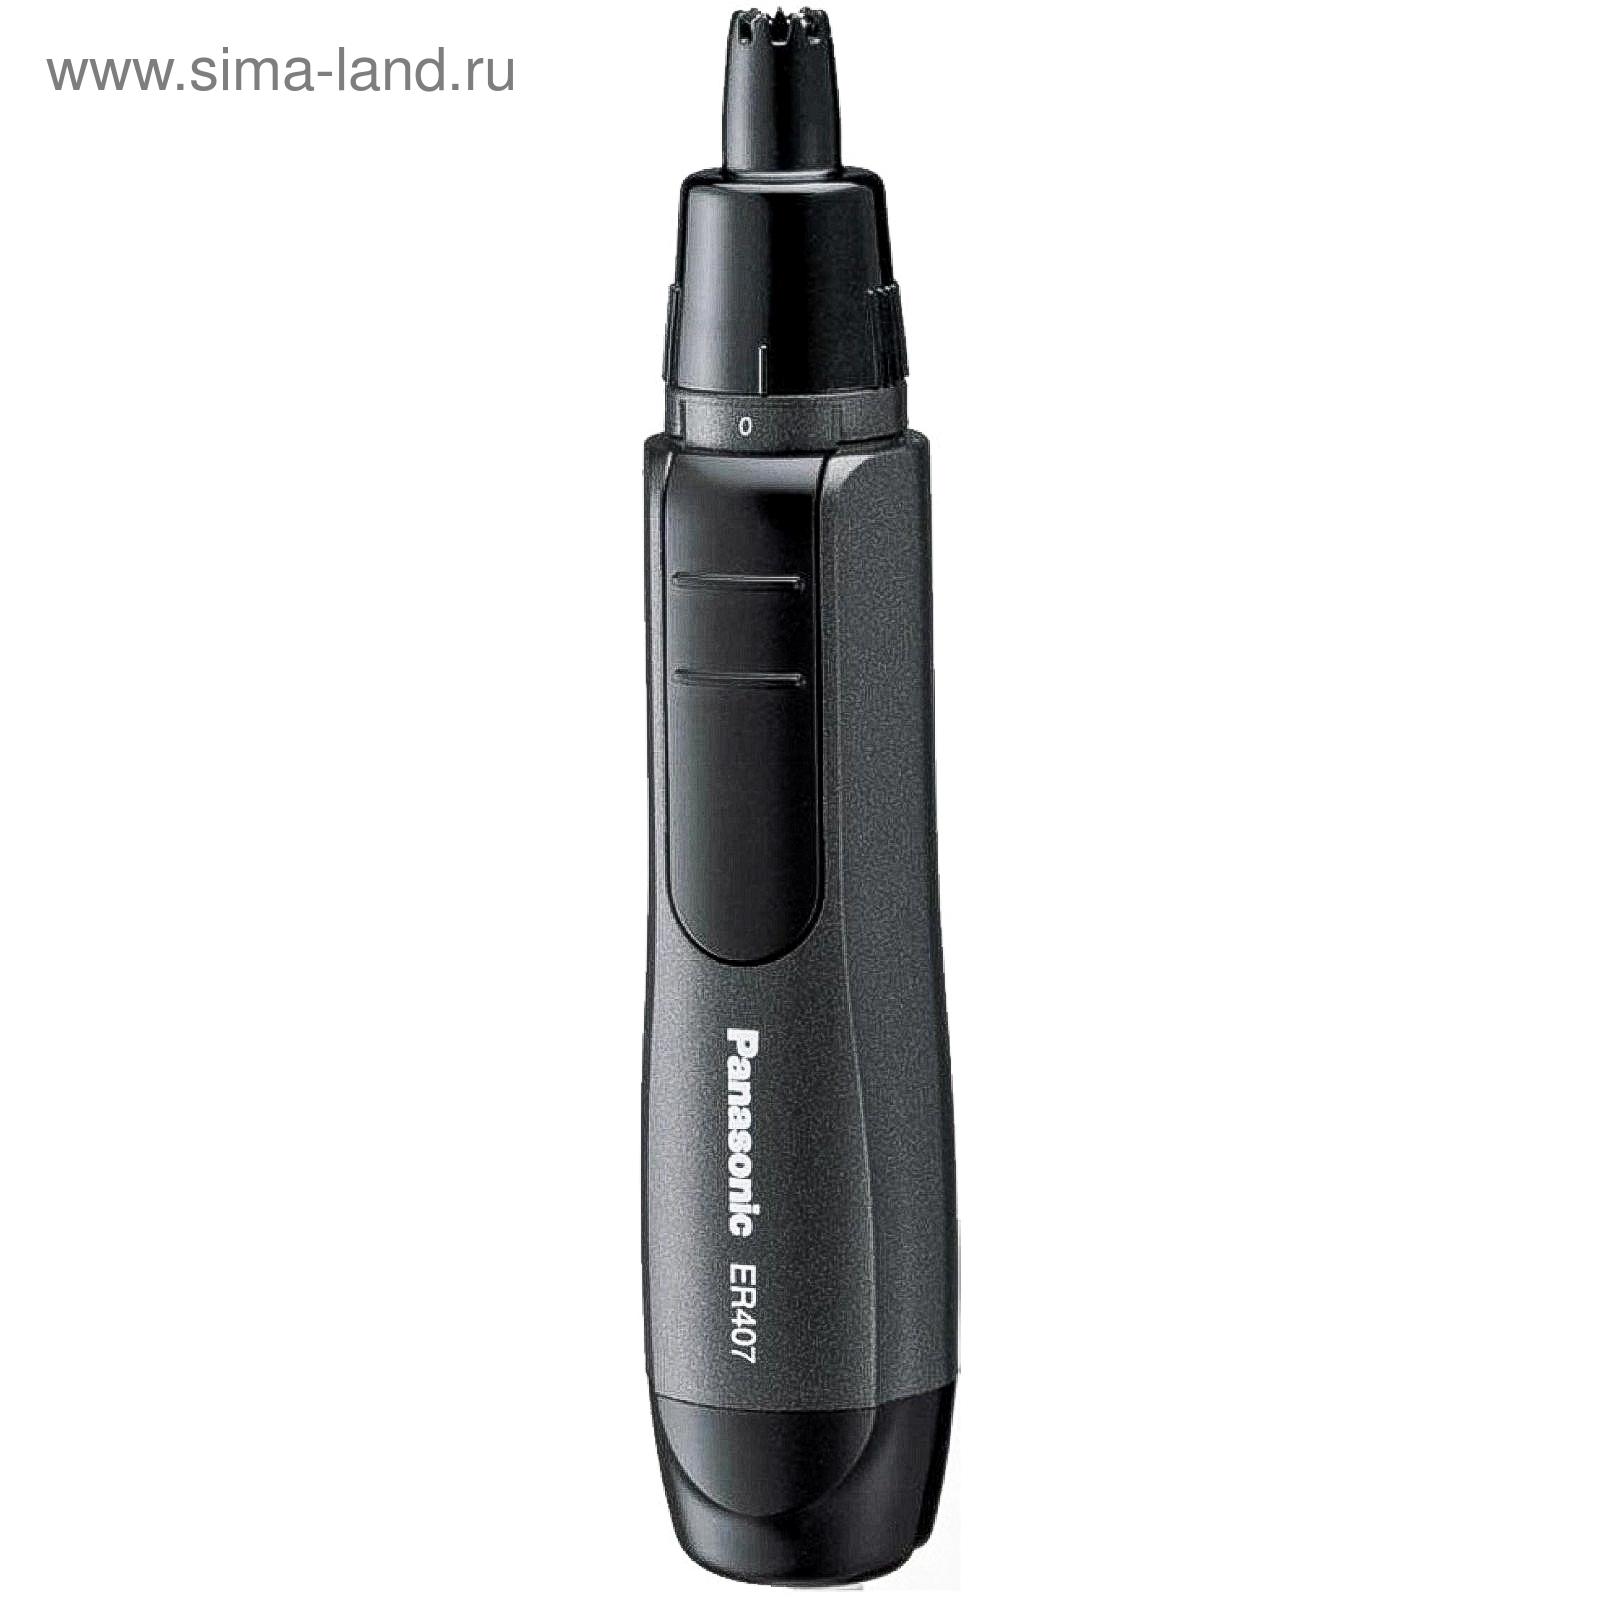 триммер для носа и ушей Panasonic Er407k520